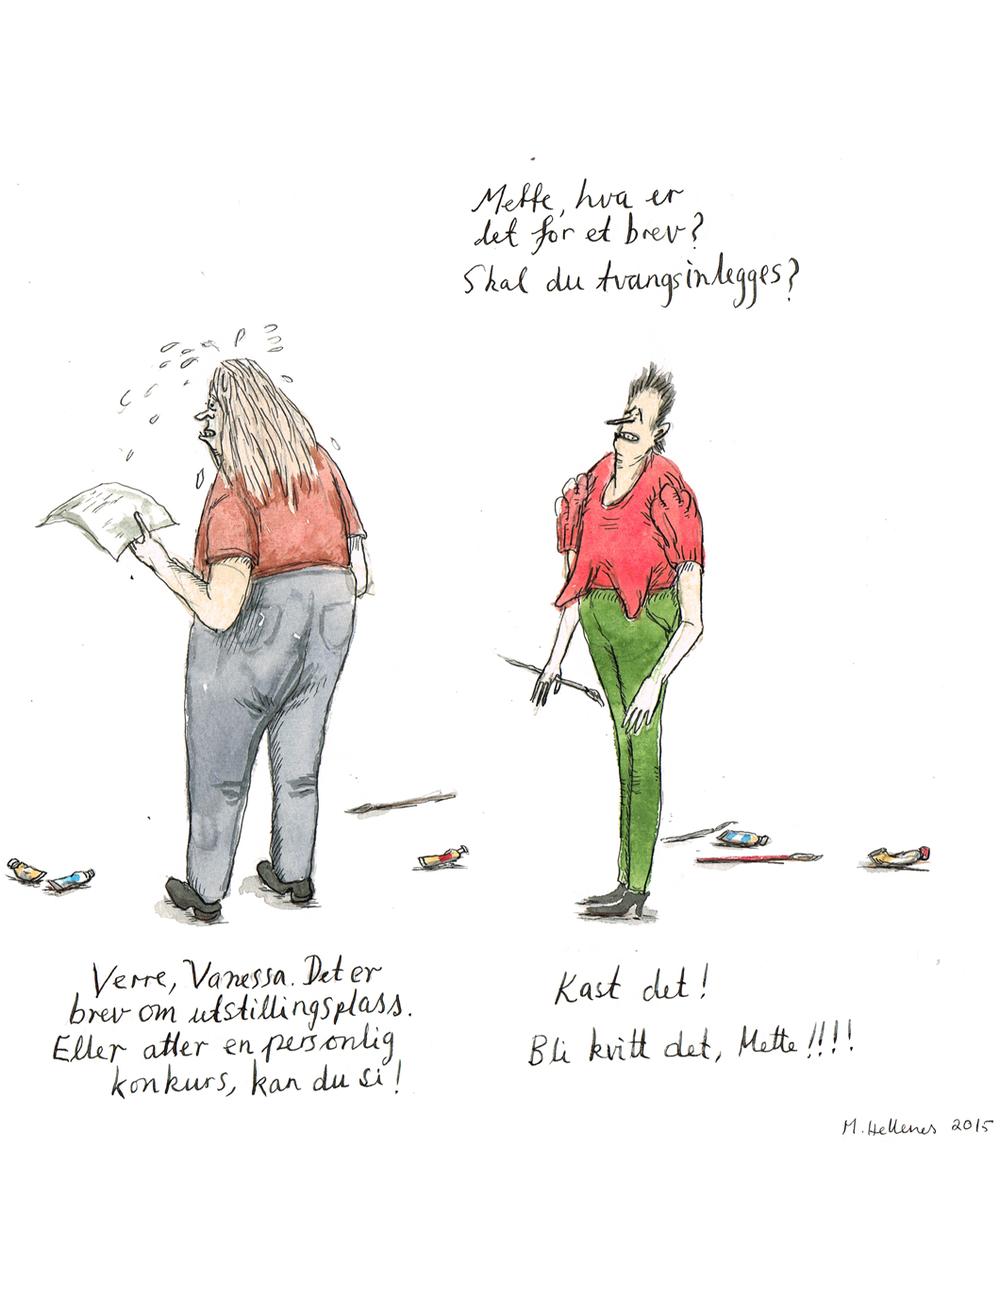 Mette Hellenes sitt kunstneriske bidrag til kampanjen #utstillingsavtalen.